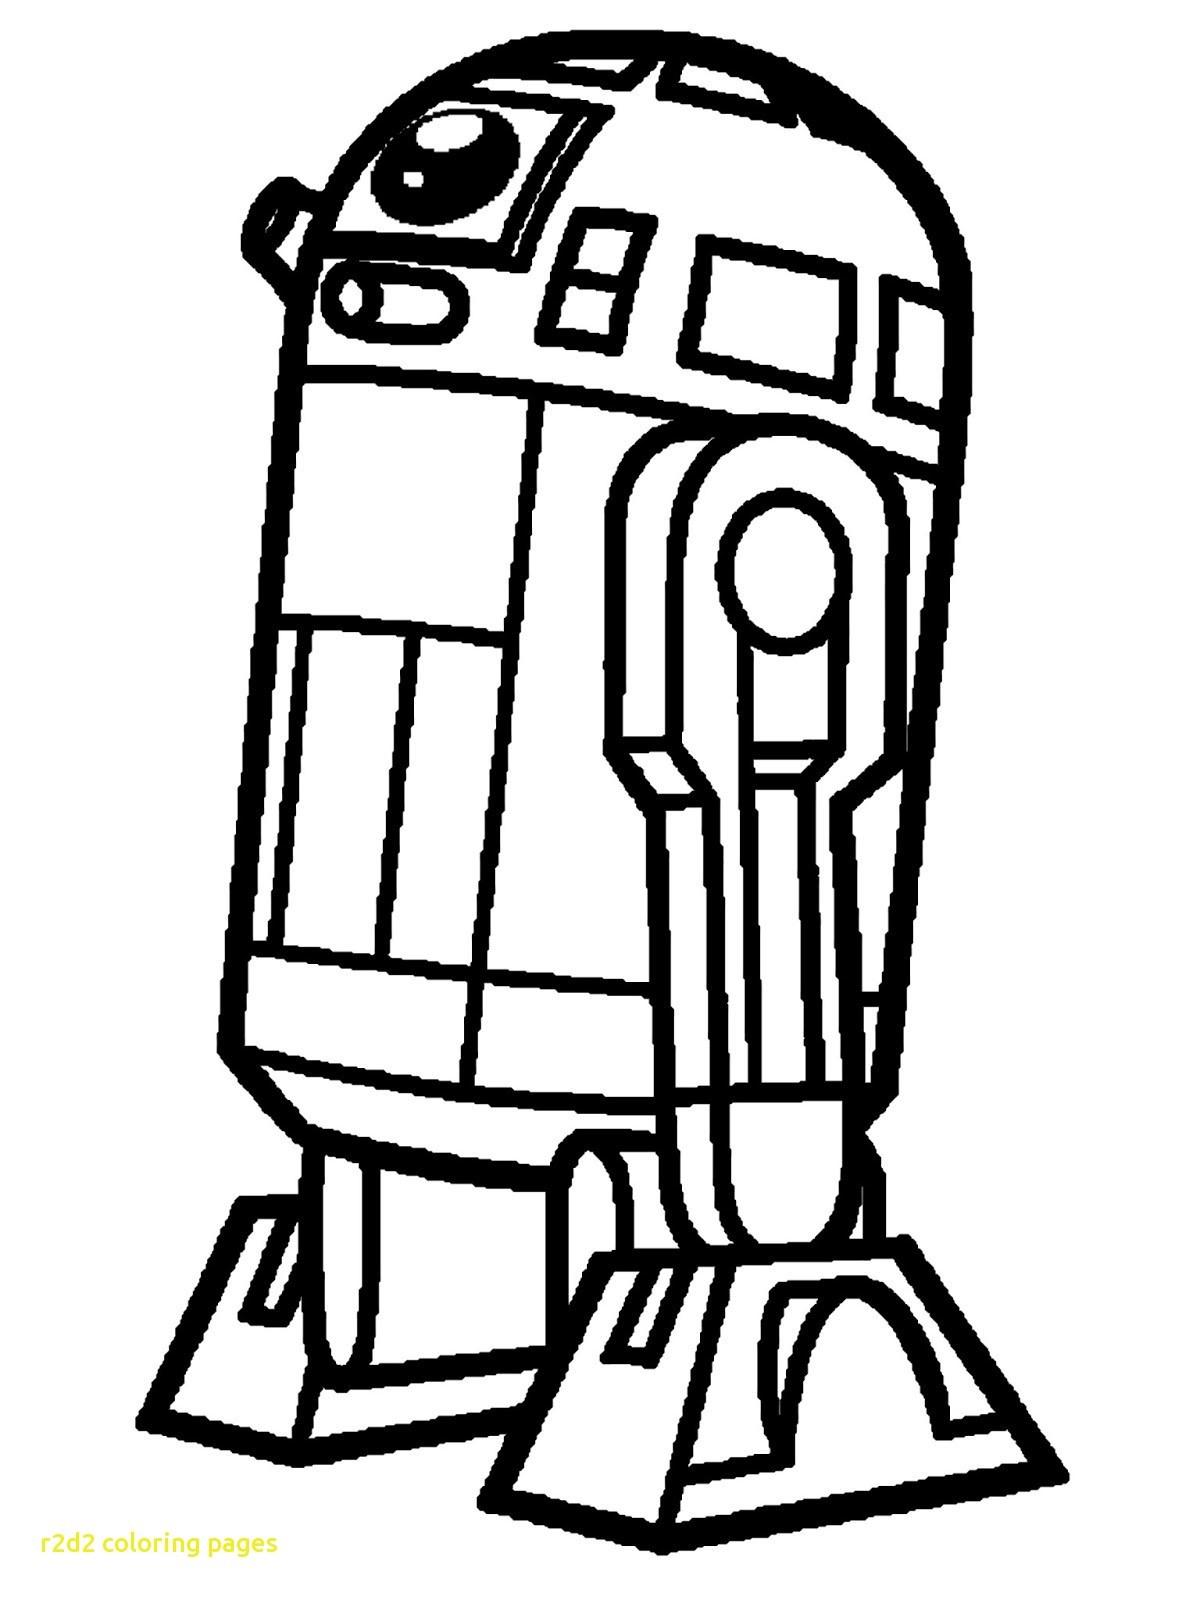 Coloriage Star Wars R2d2 - Dessin et Coloriage